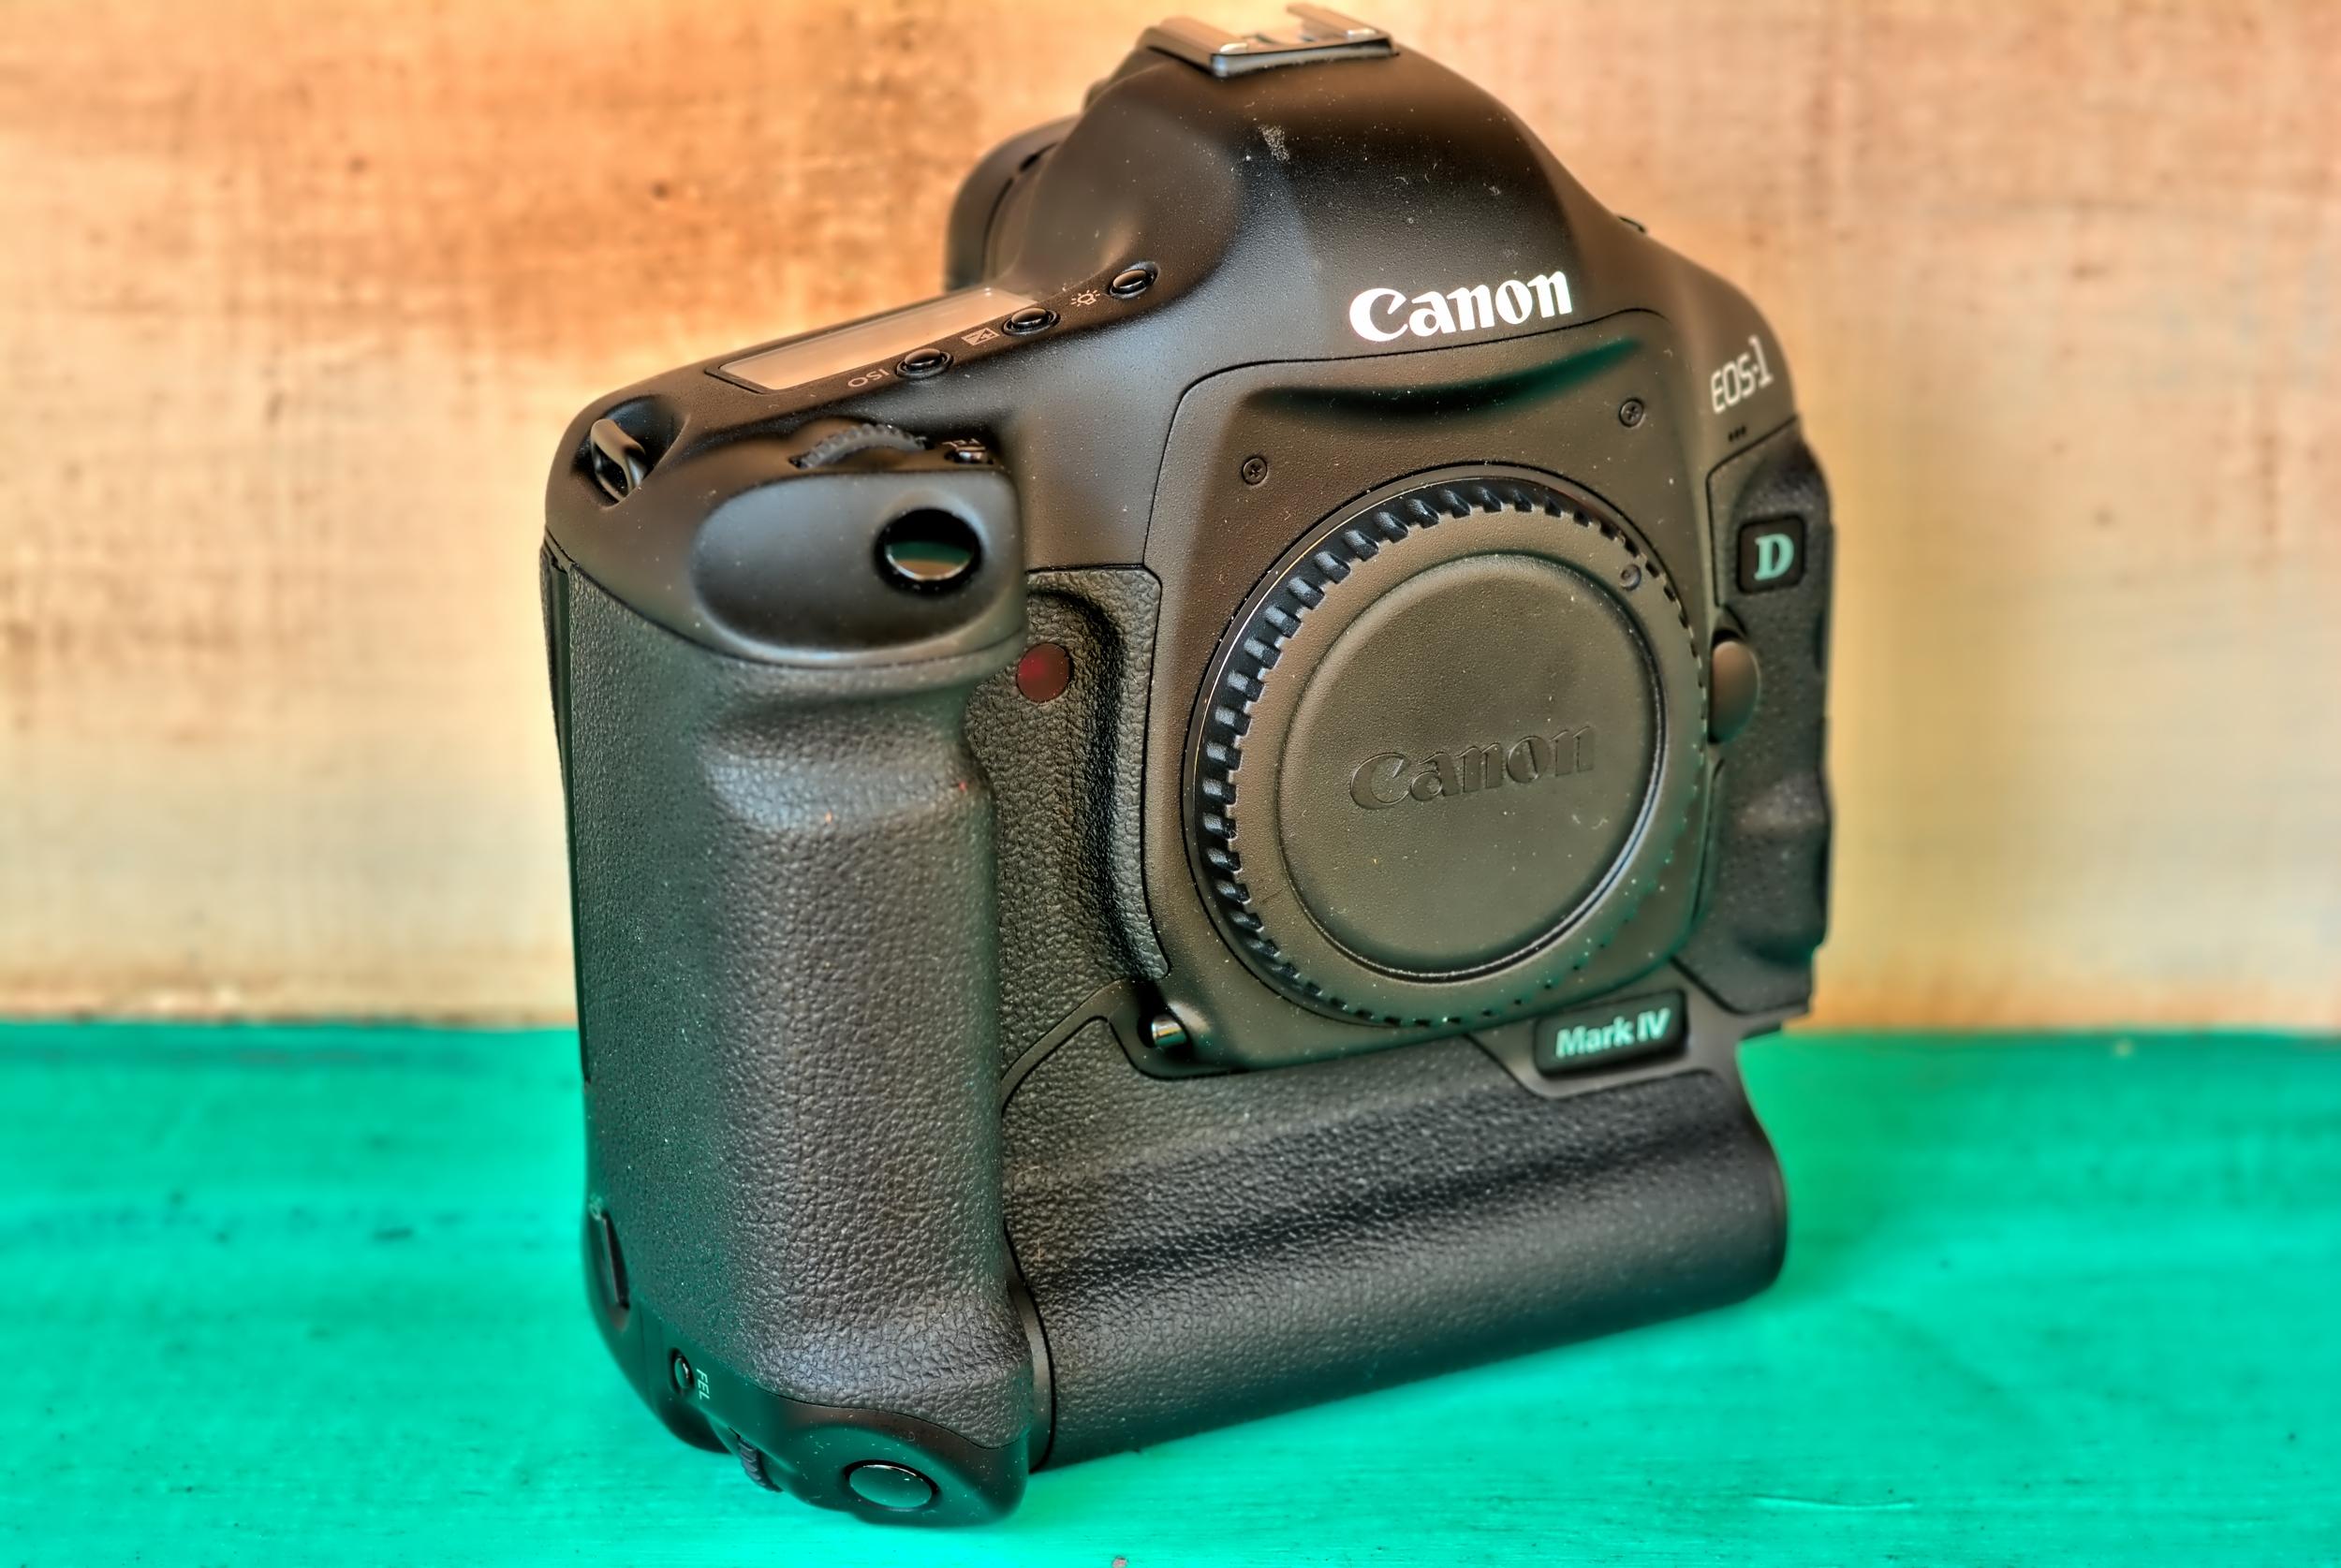 Canon EOS-1 Mark IV Full Frame DSLR Camera